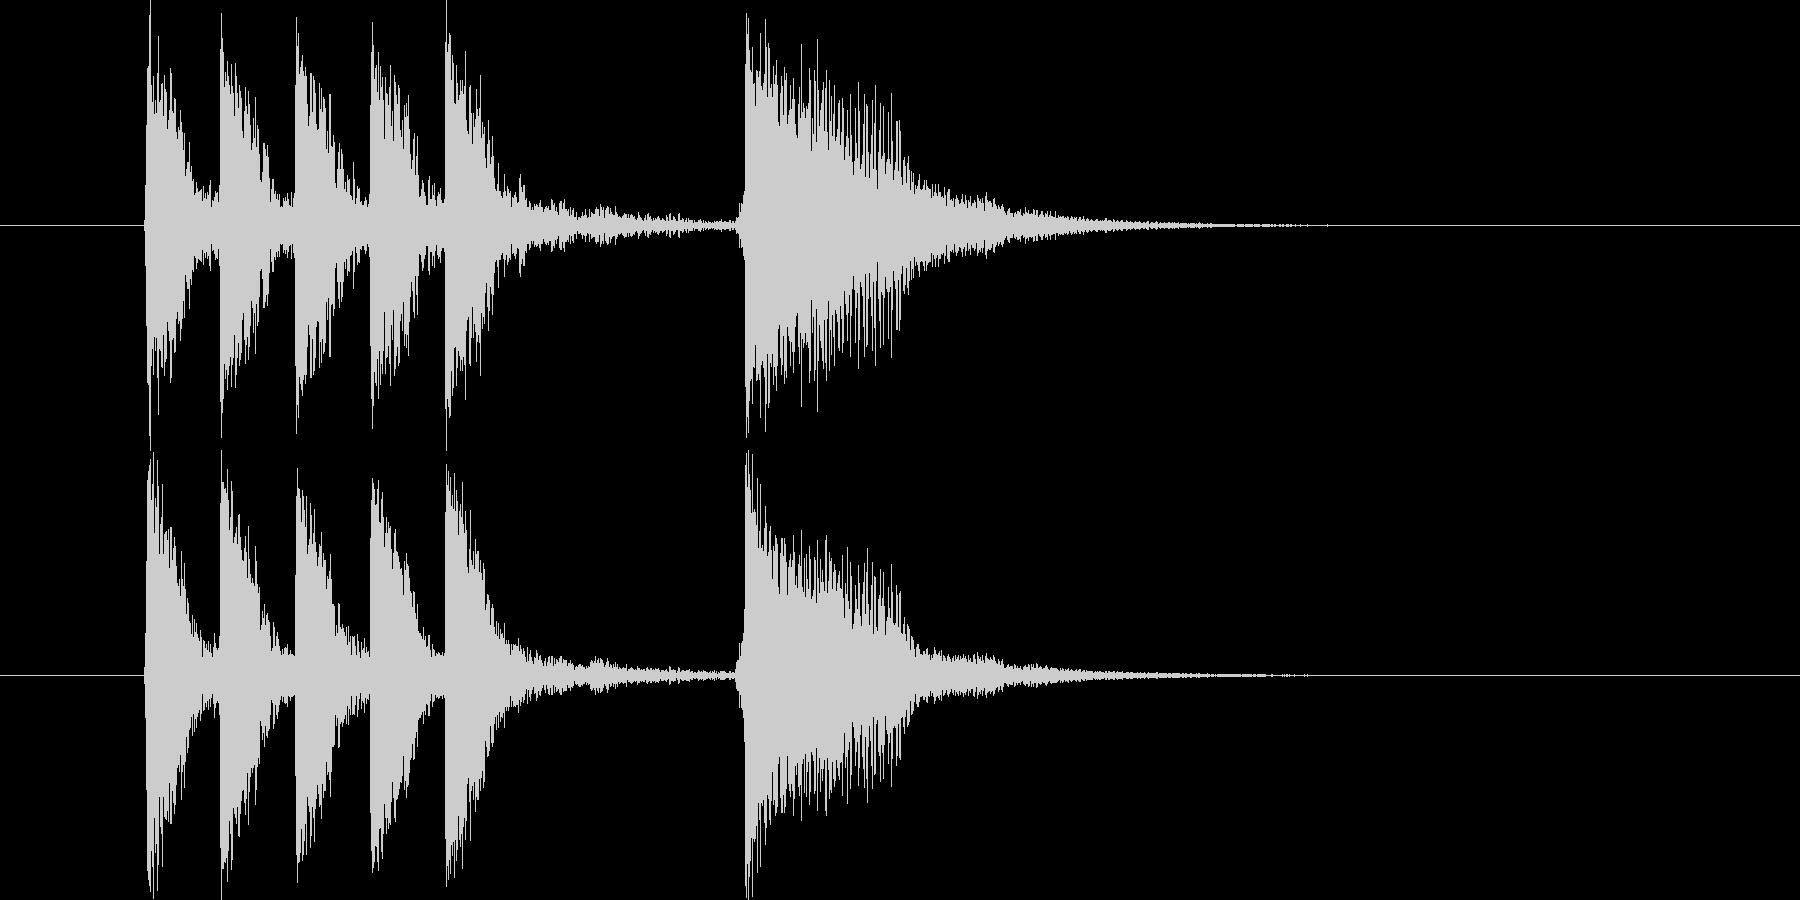 明るいバンドサウンドによるジングル曲の未再生の波形